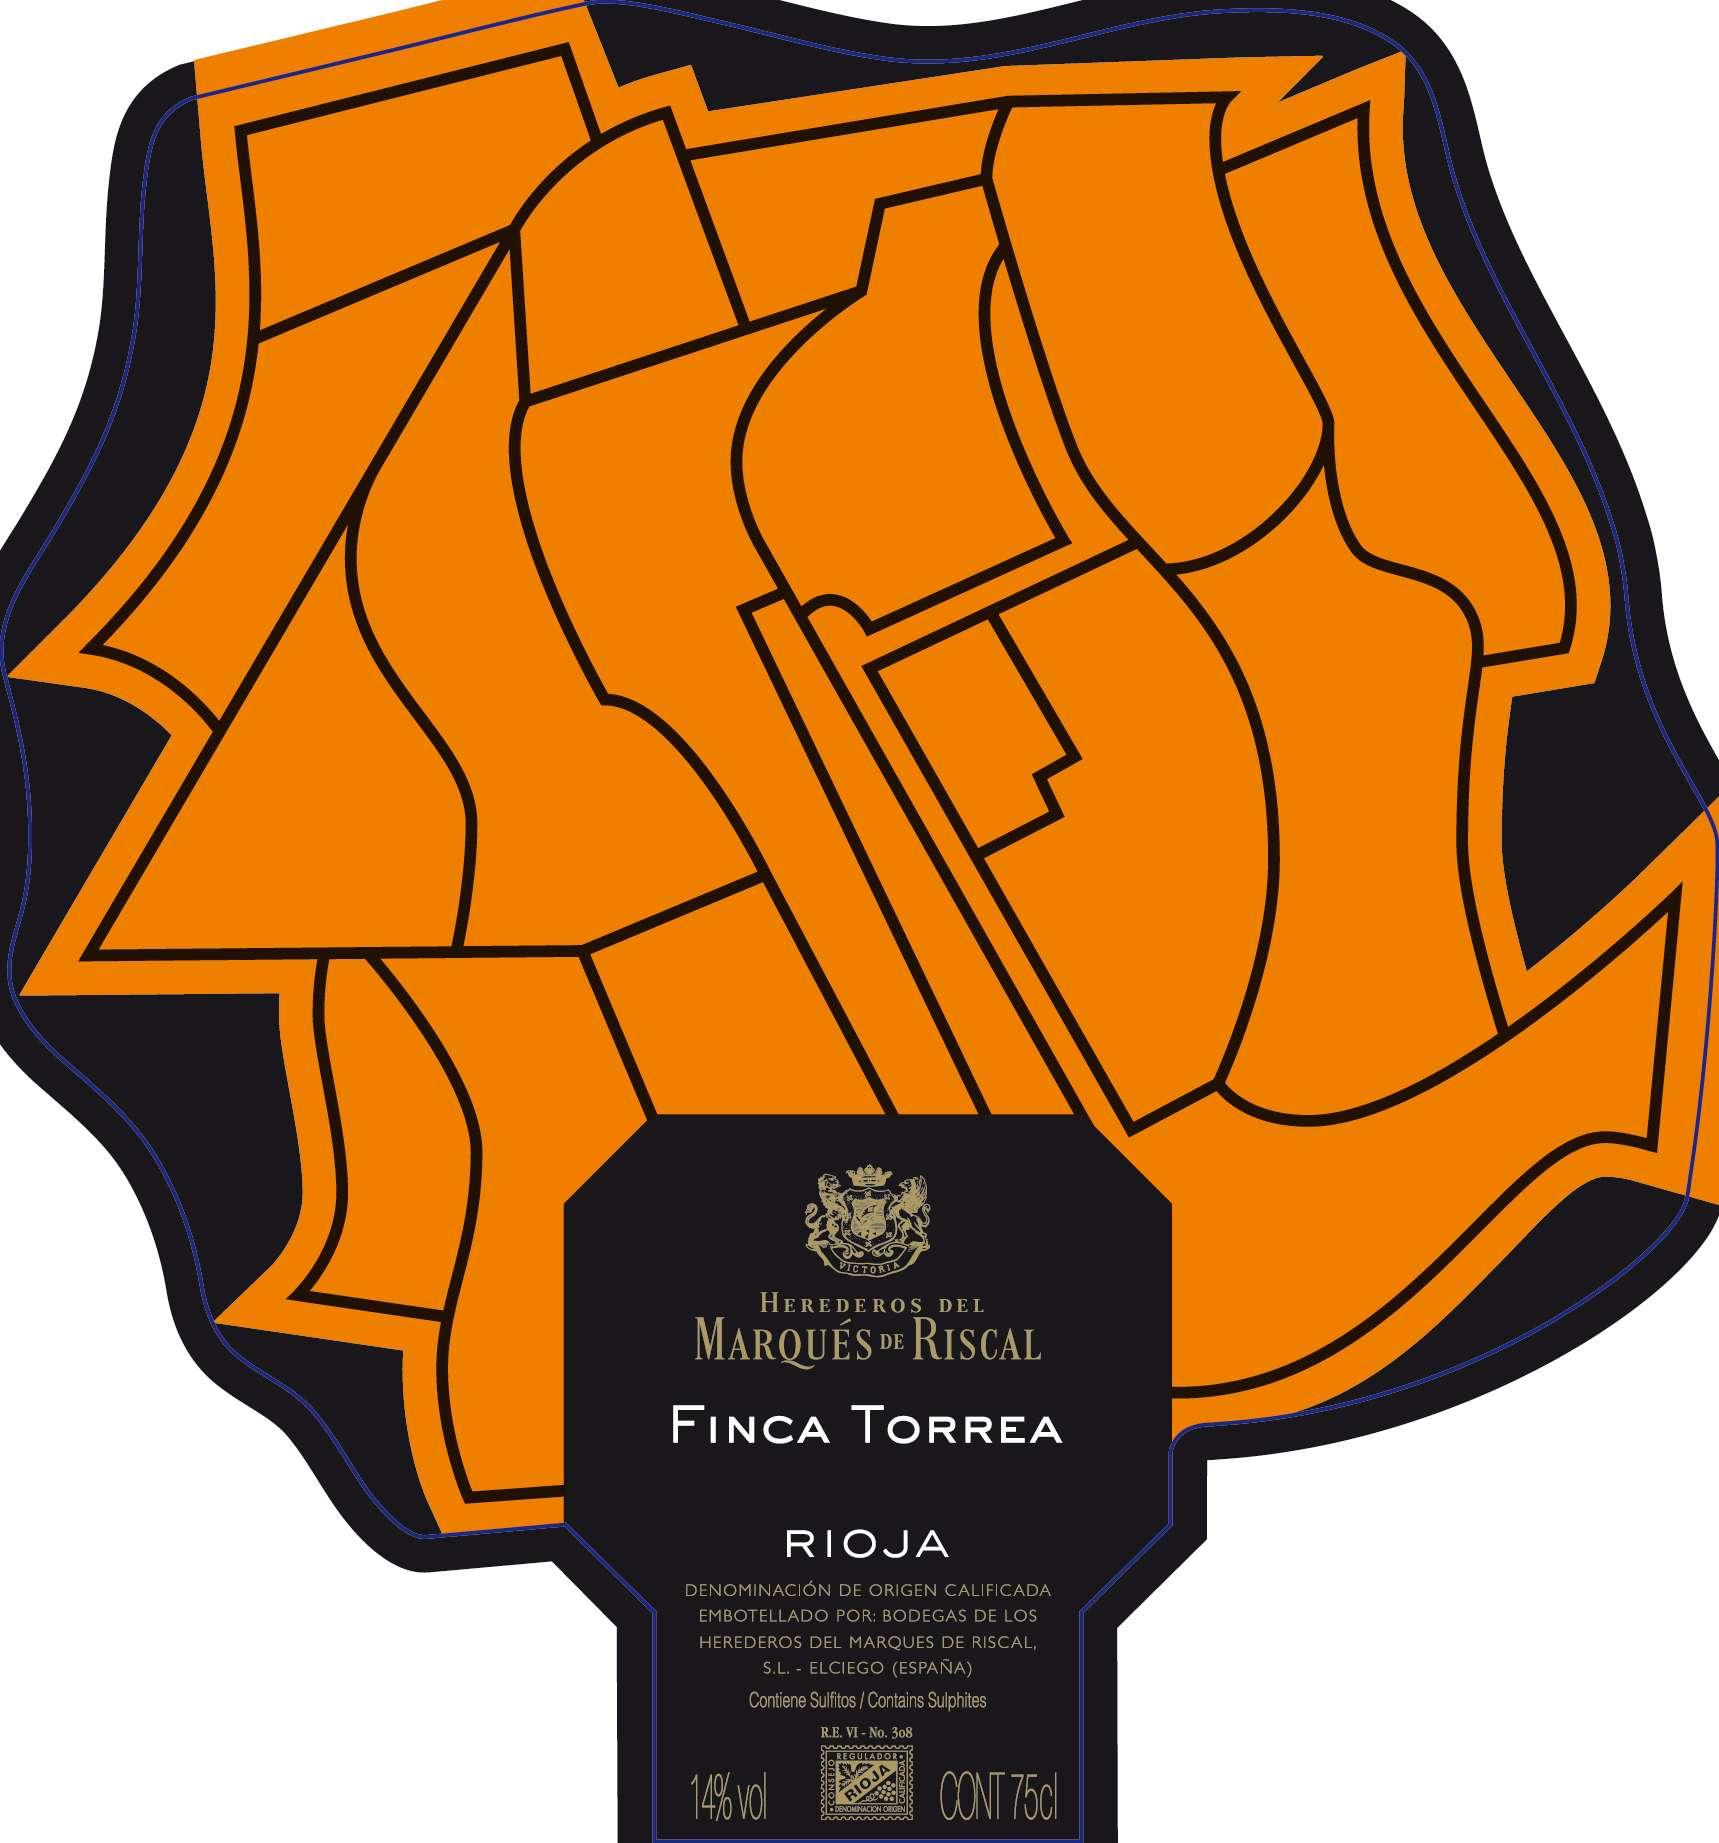 Finca Torrea